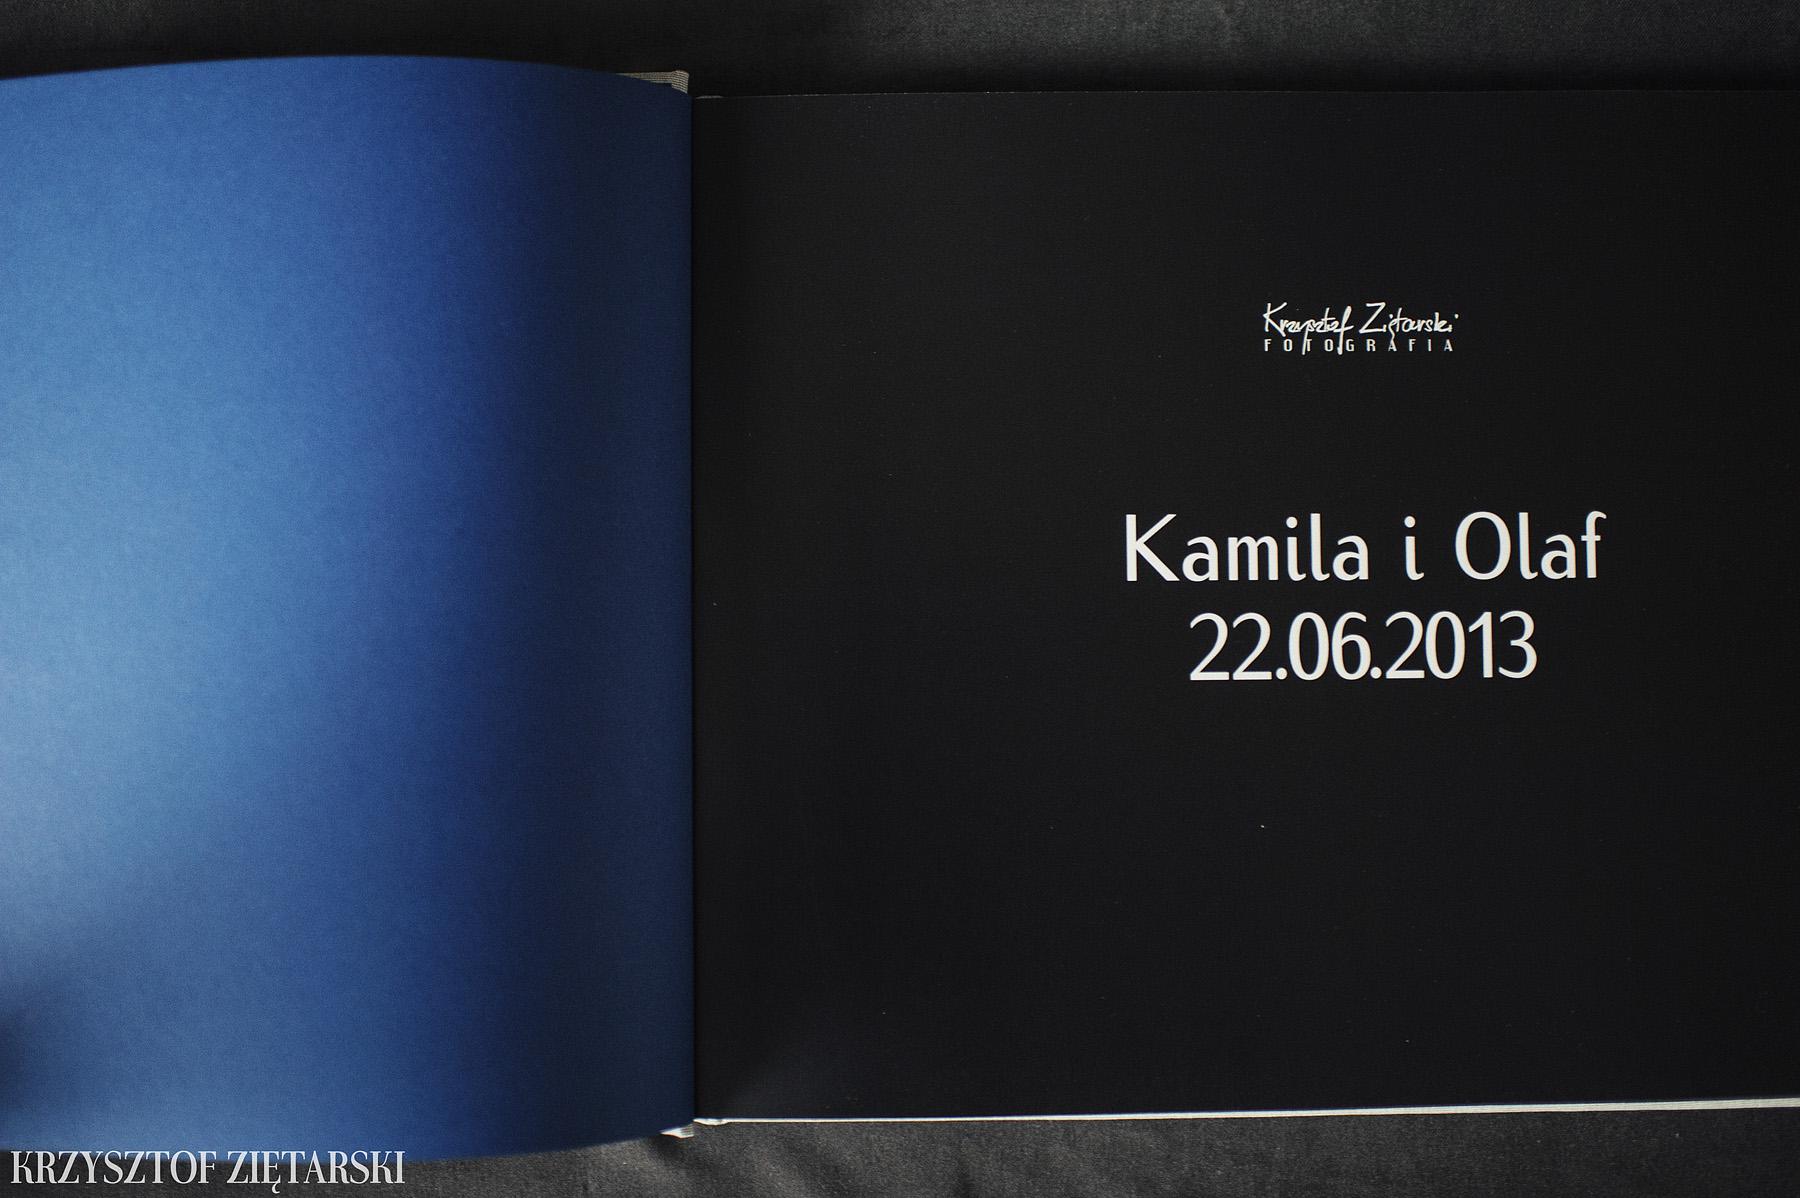 KrukBook 40x30cm, 140 stron na papierze powlekanym 200g/m2, płótno niepowlekane C12, wyklejka granatowa/niebieska 011 i czarna paskowa obwoluta